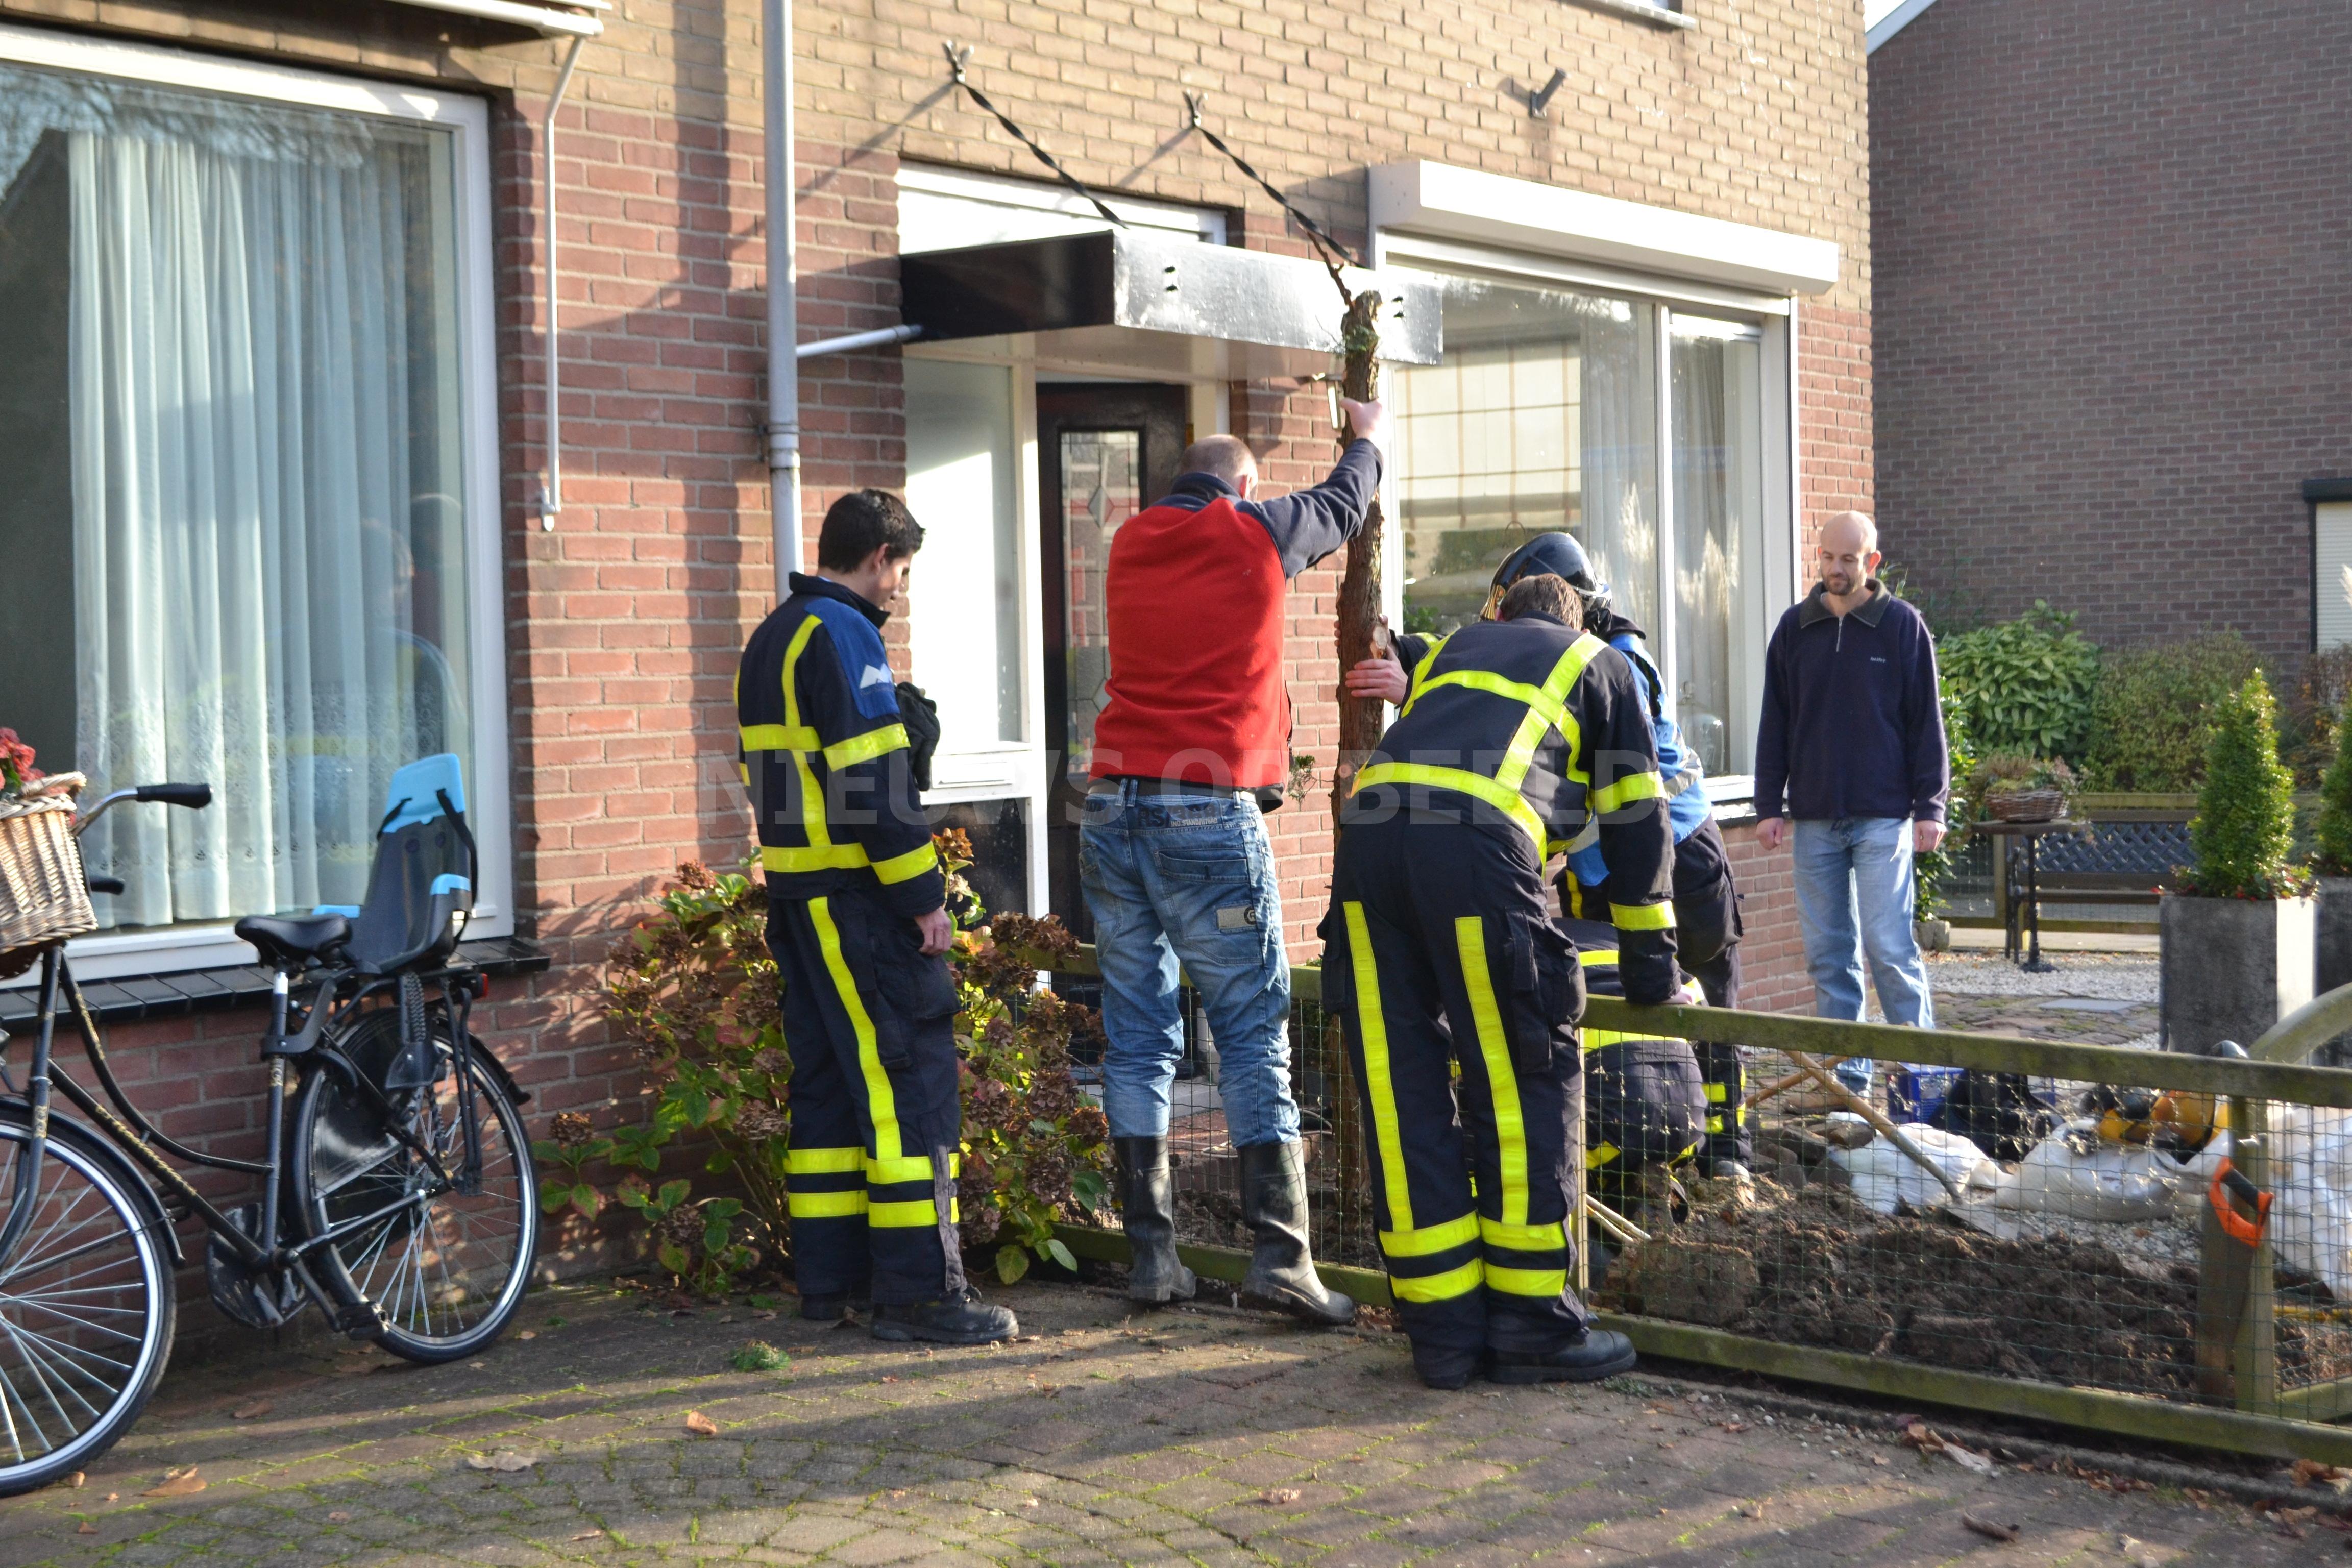 Gaslekkage na verwijderen boompje in tuin Houtmanstraat Oud-Beijerland